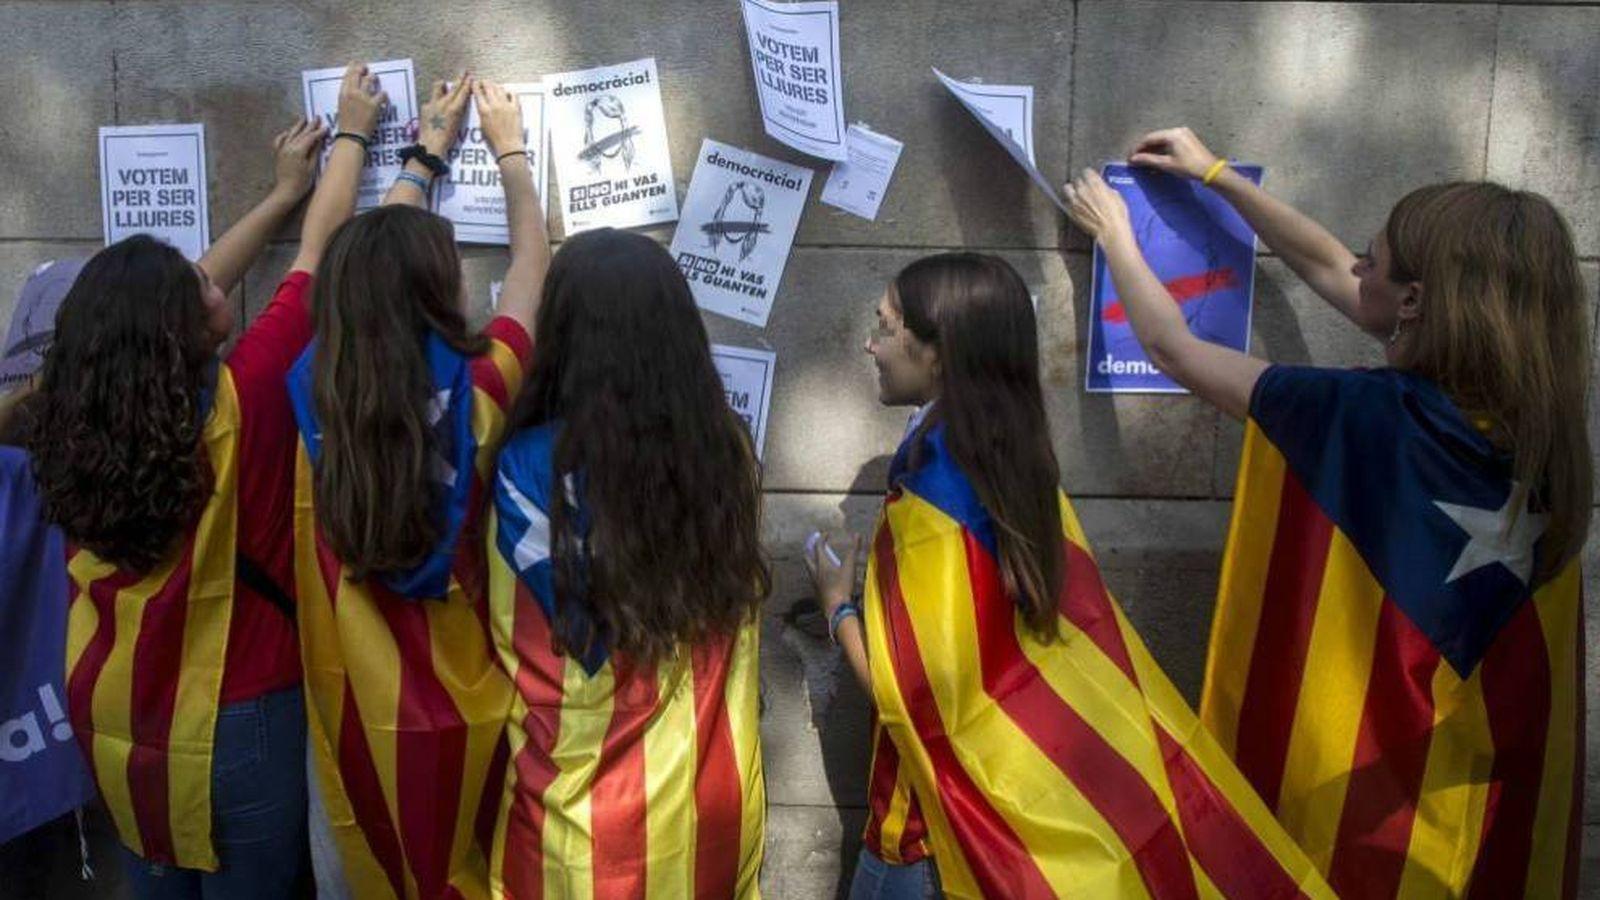 Foto: Menores de edad con esteladas cuelgan carteles a favor de votar en el referéndum del 1 de octubre. (EFE)